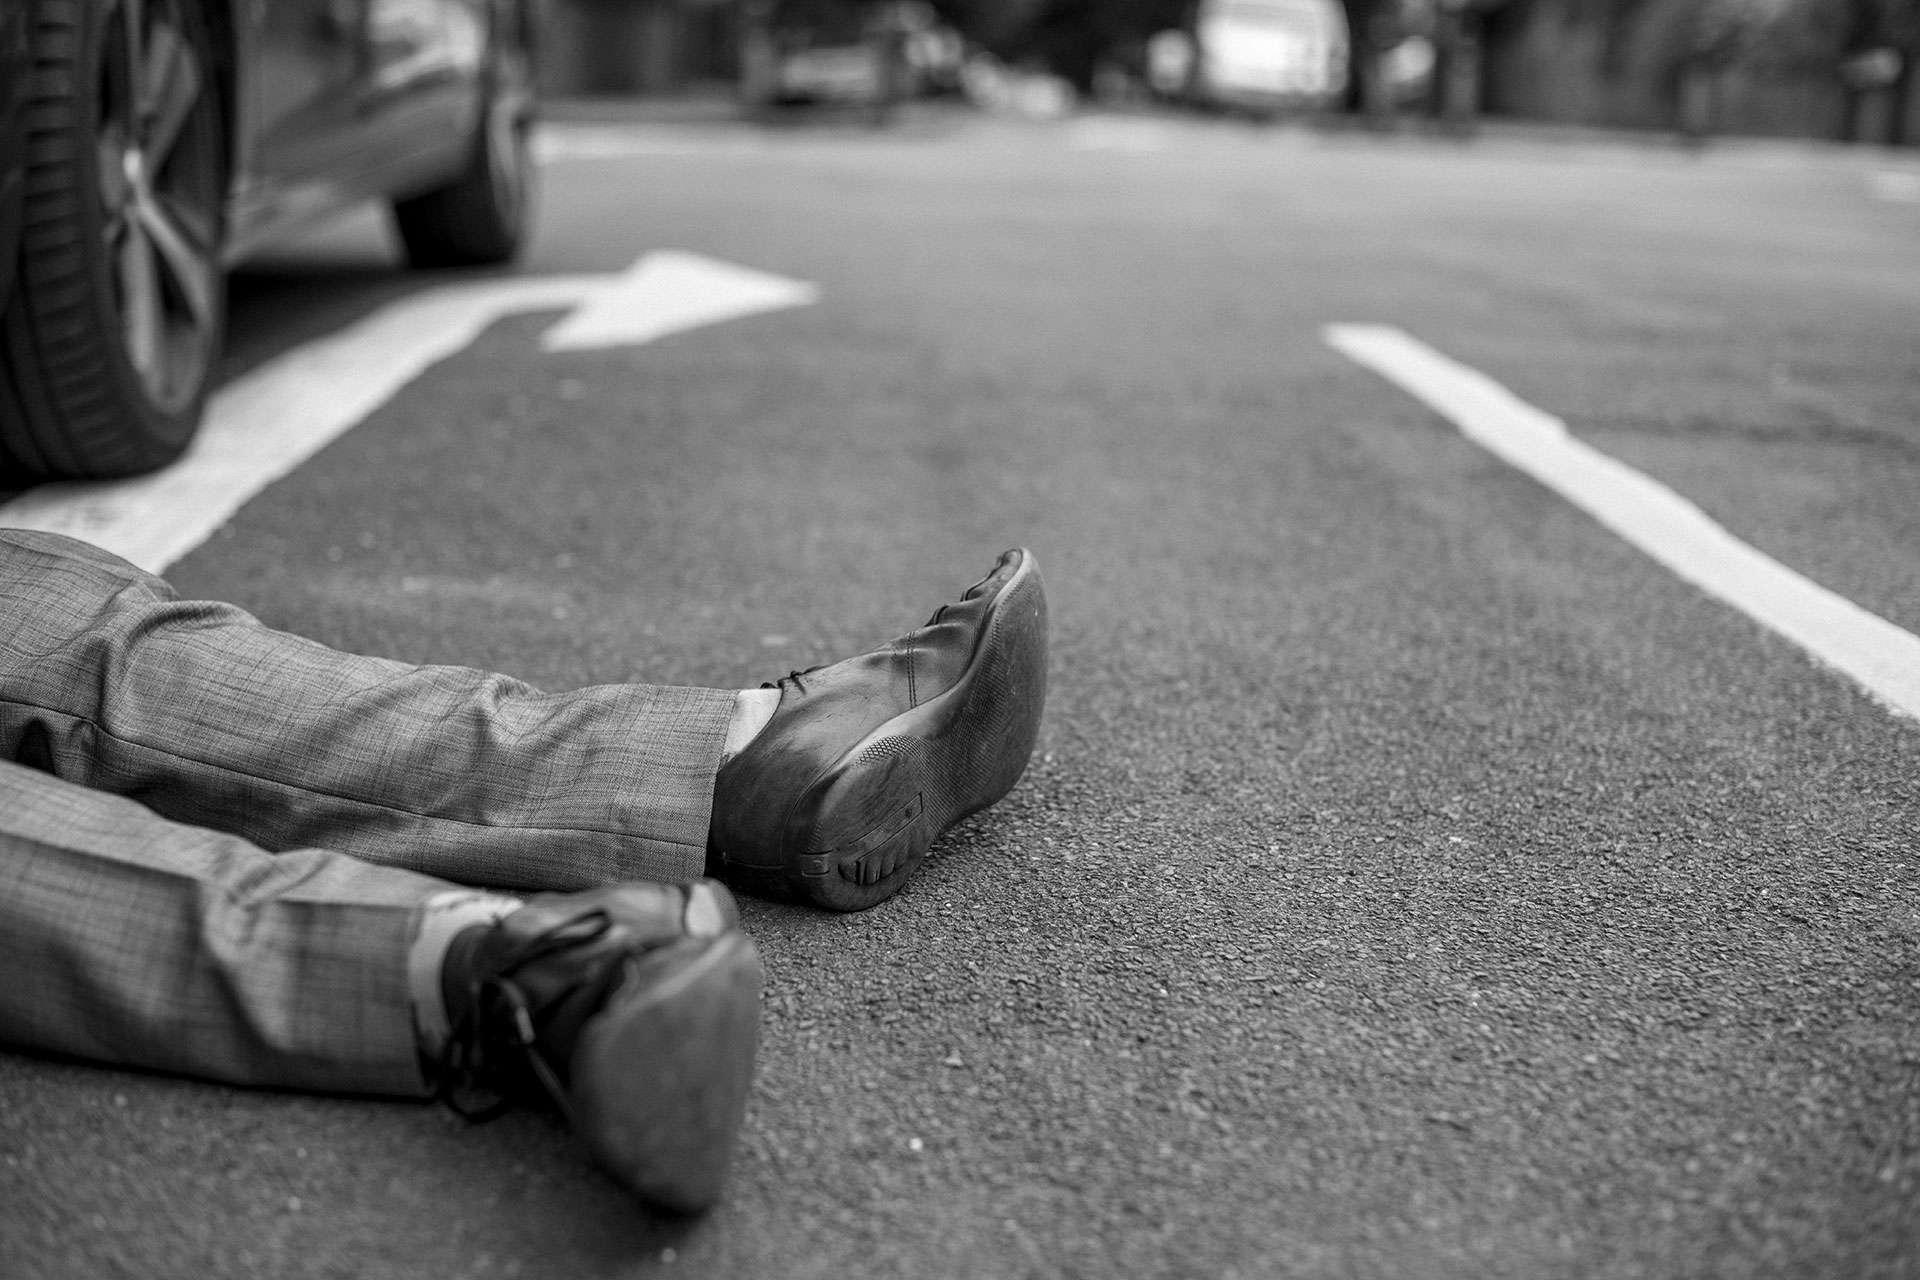 Śmiertelne wypadki w pracy